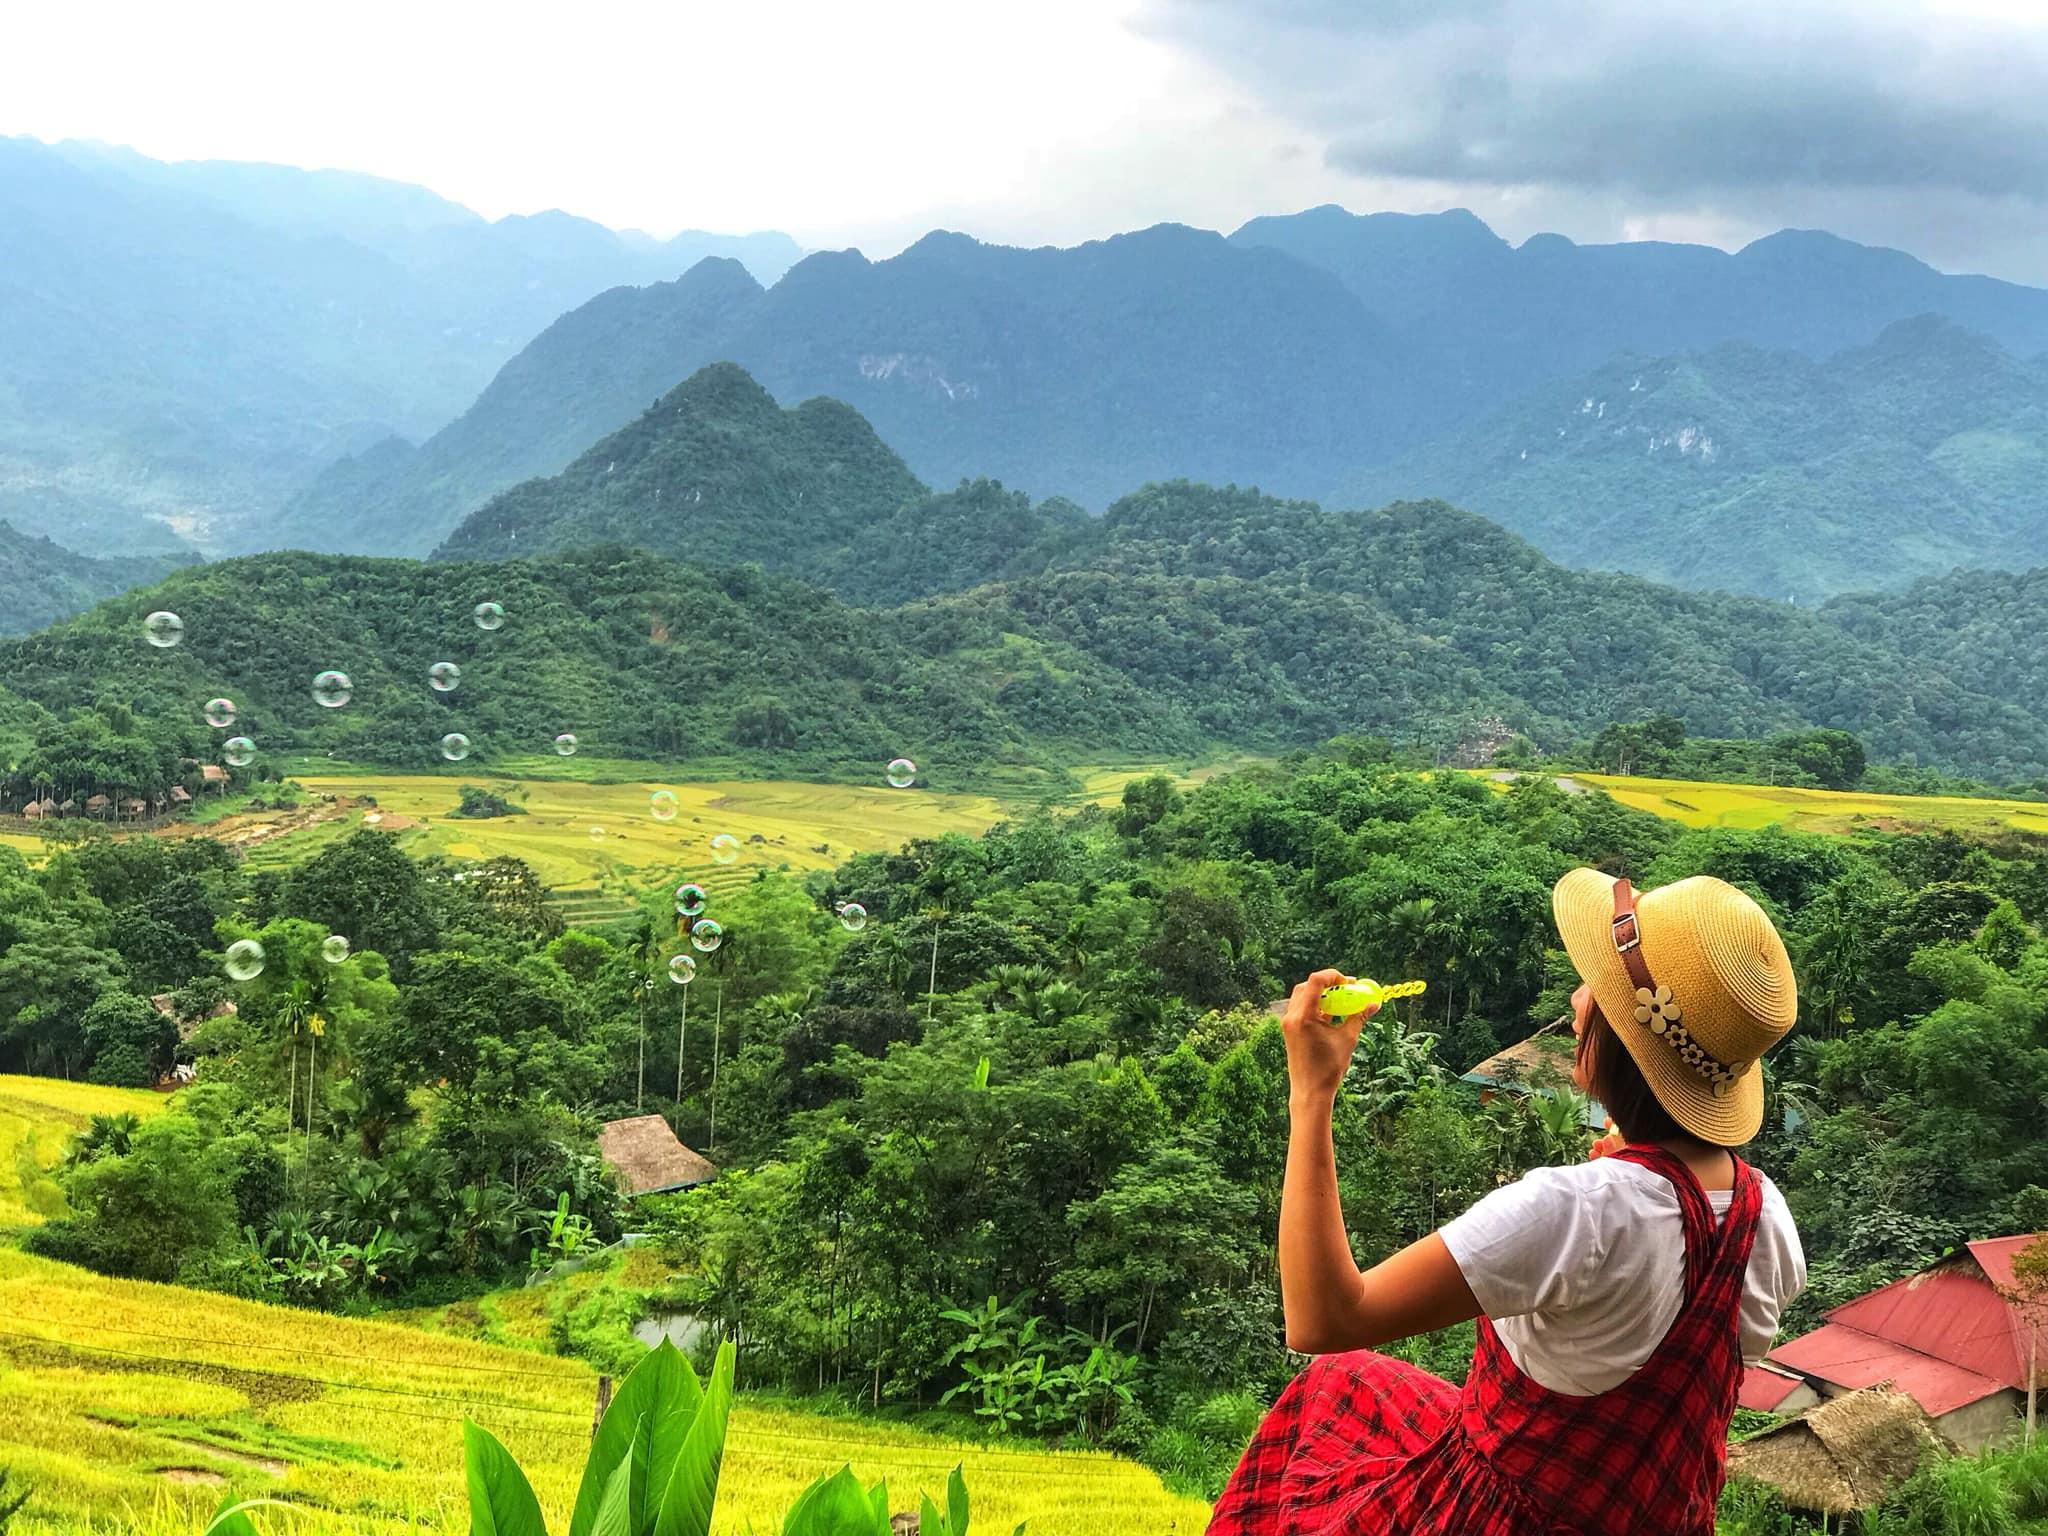 Chiem-nguong-pu-luong-mua-lua-chin-tour-pu-luong-vietmountain-travel